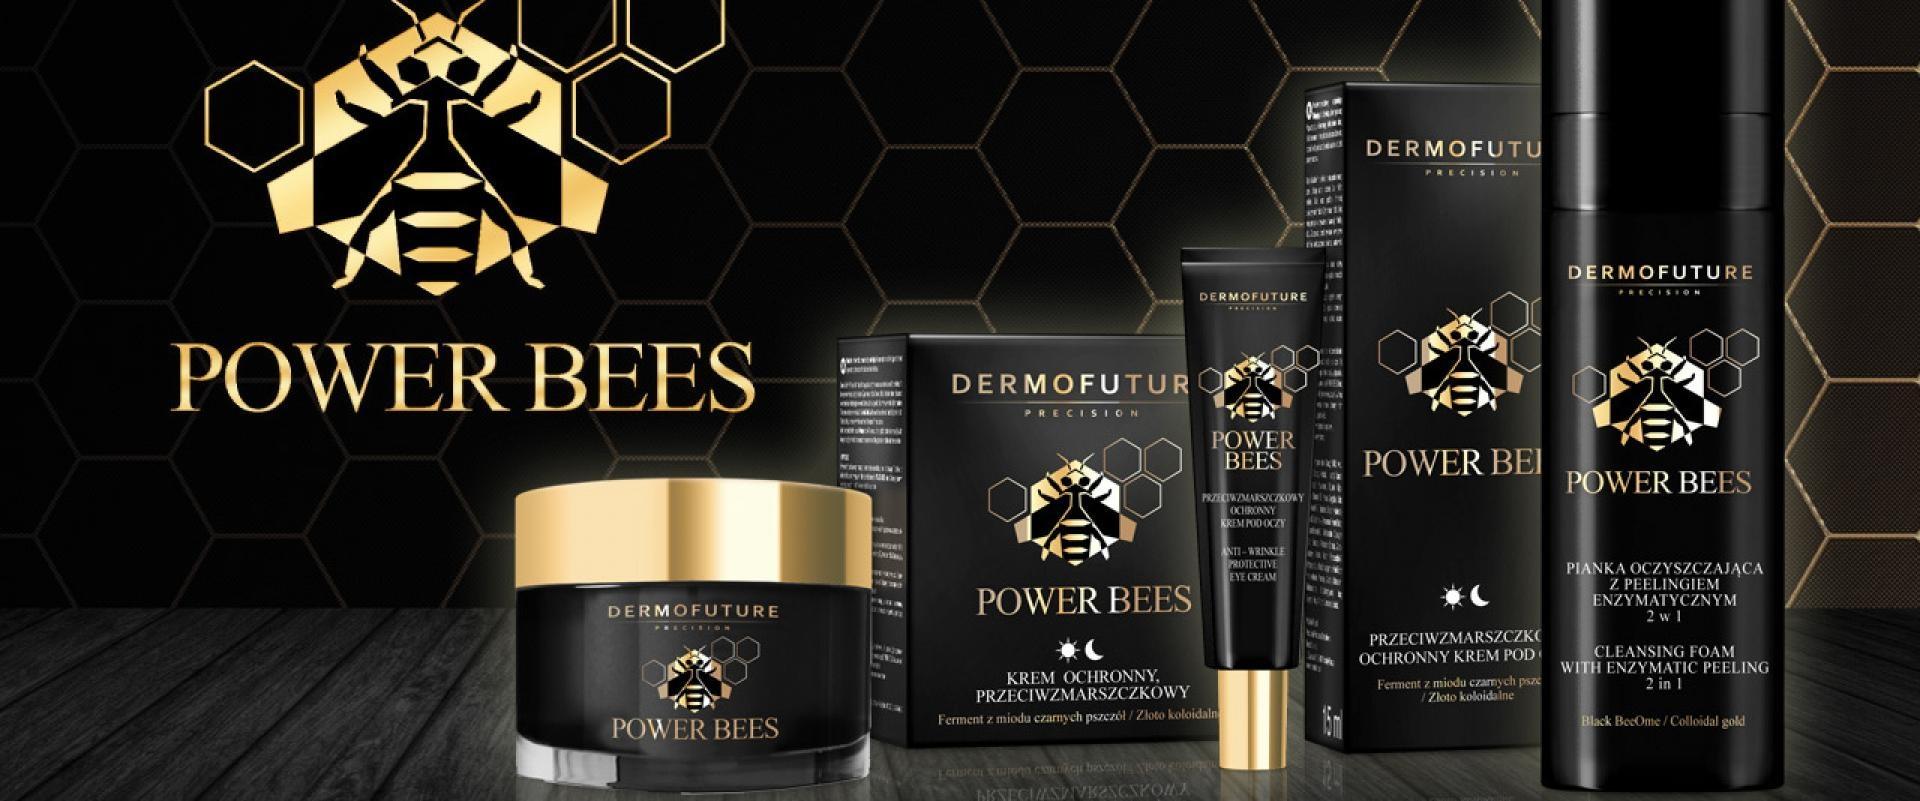 tenex_power_bees